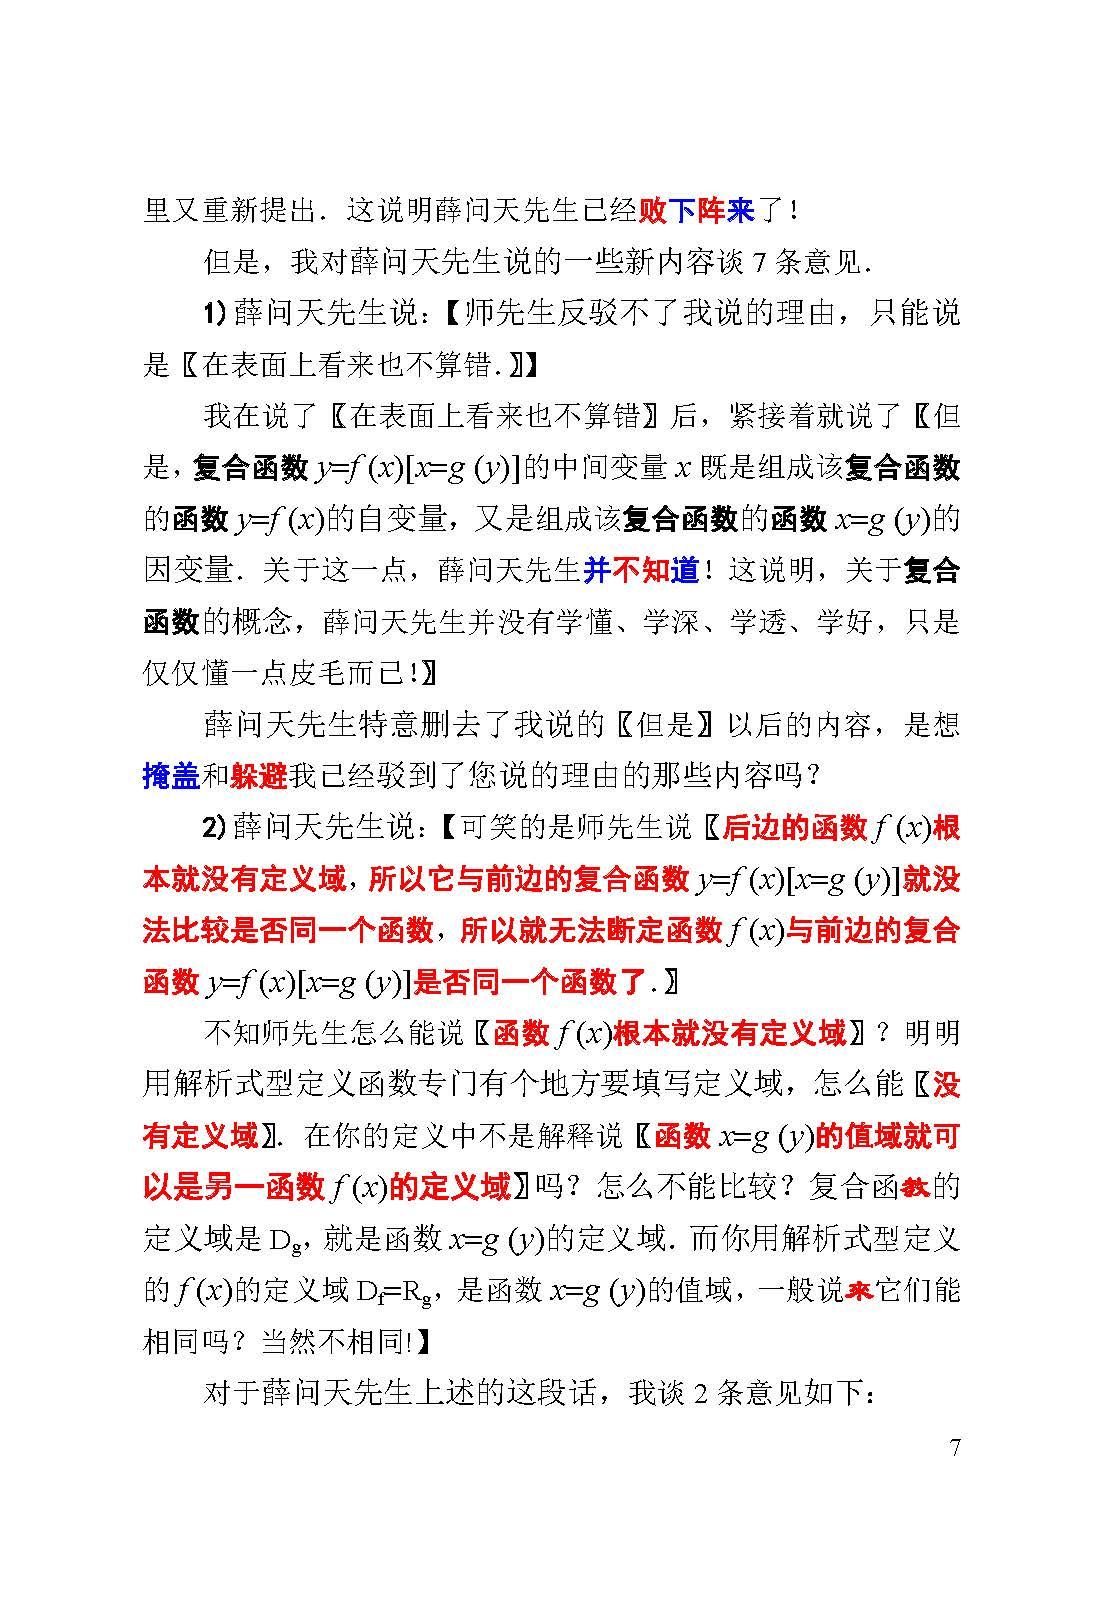 评薛问天先生的文章0408_页面_07.jpg